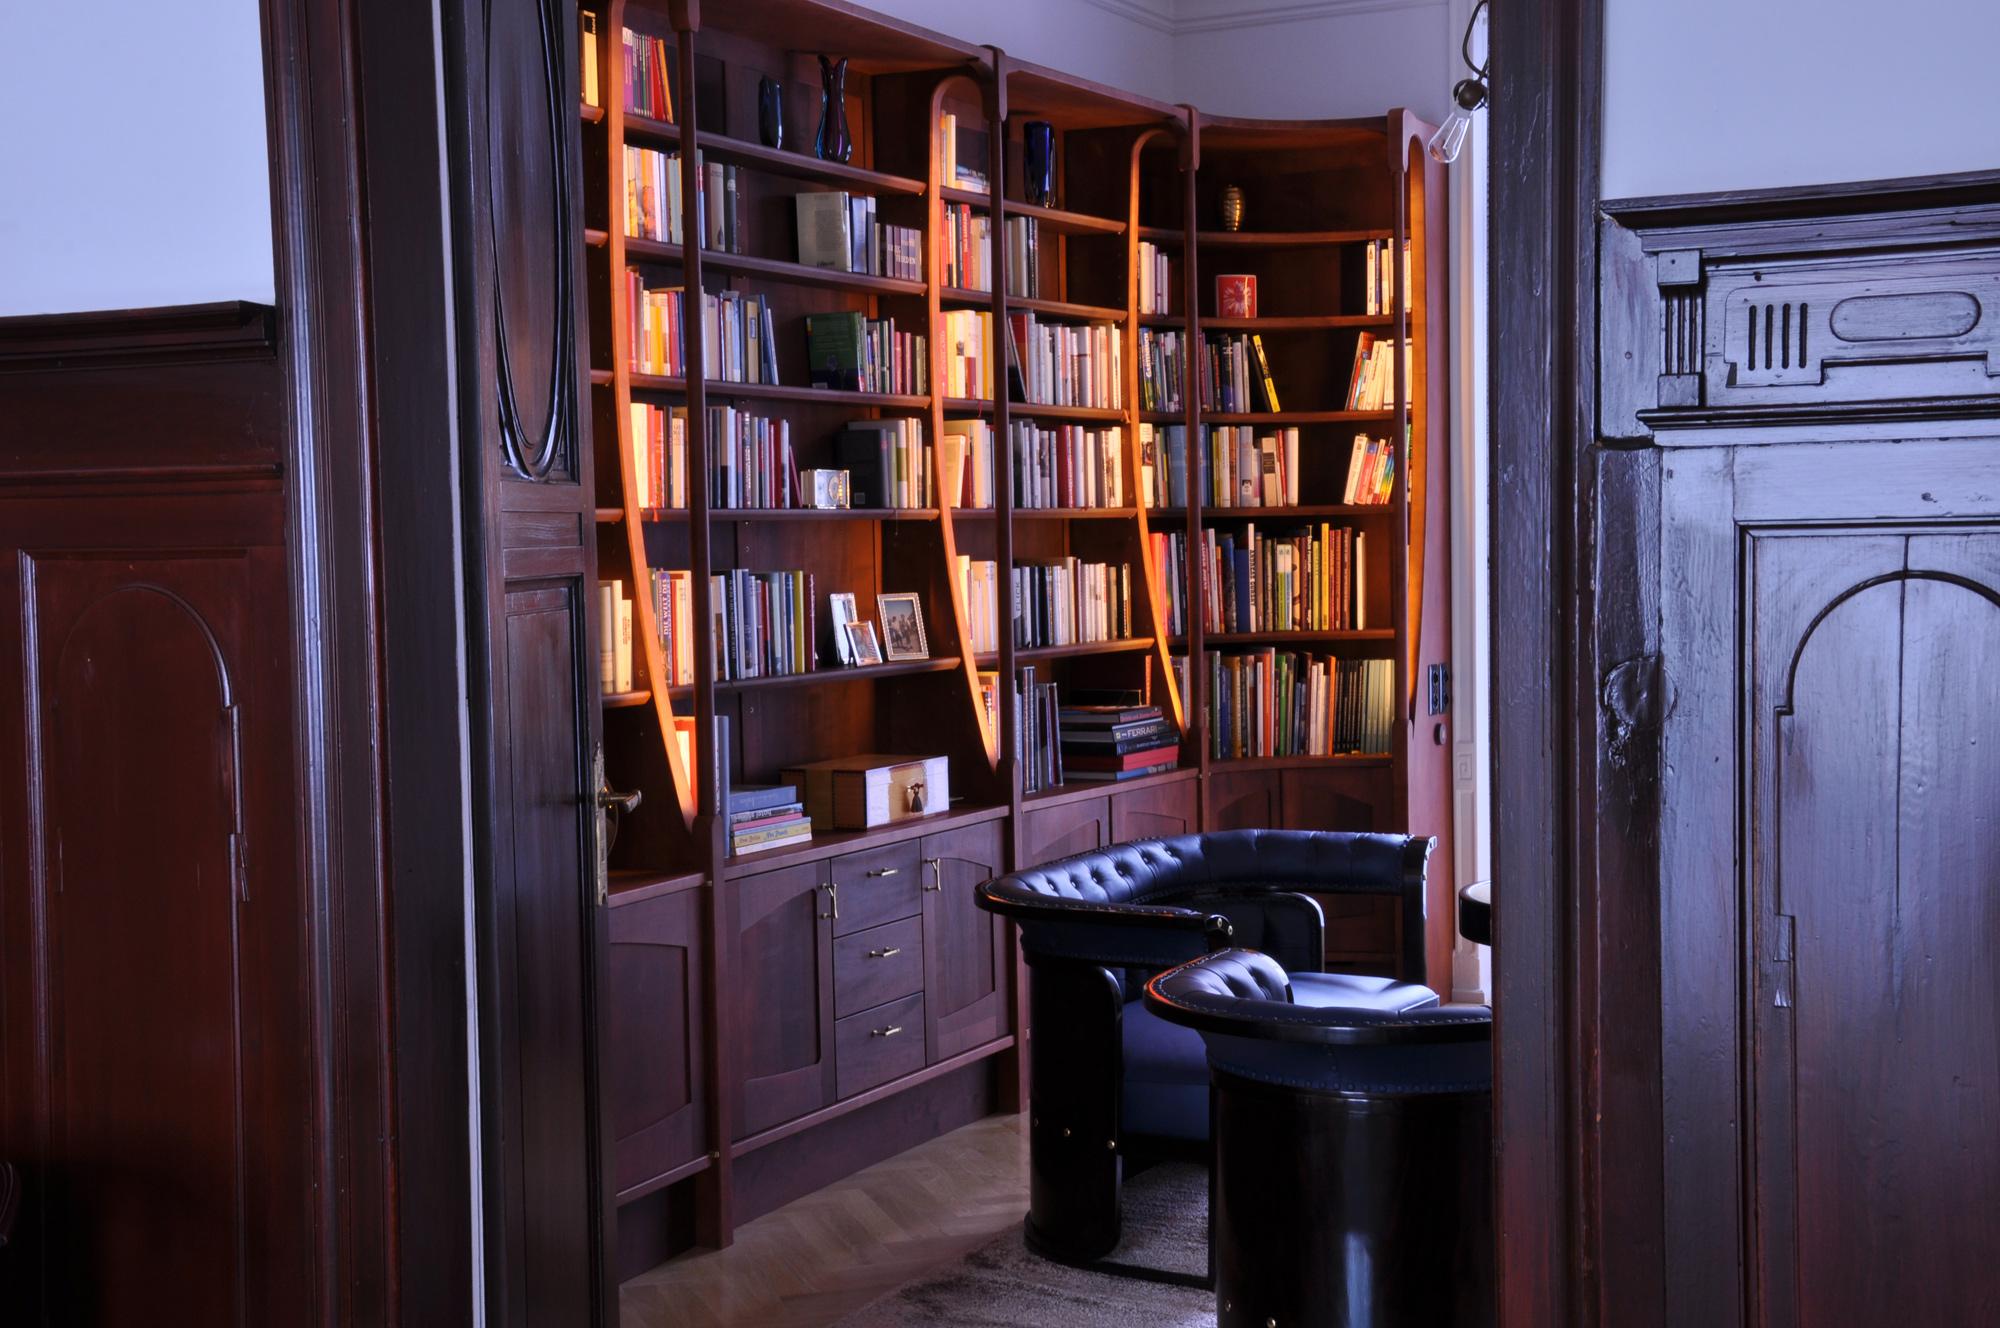 bibliothek michael daschner schreinerei murnau. Black Bedroom Furniture Sets. Home Design Ideas